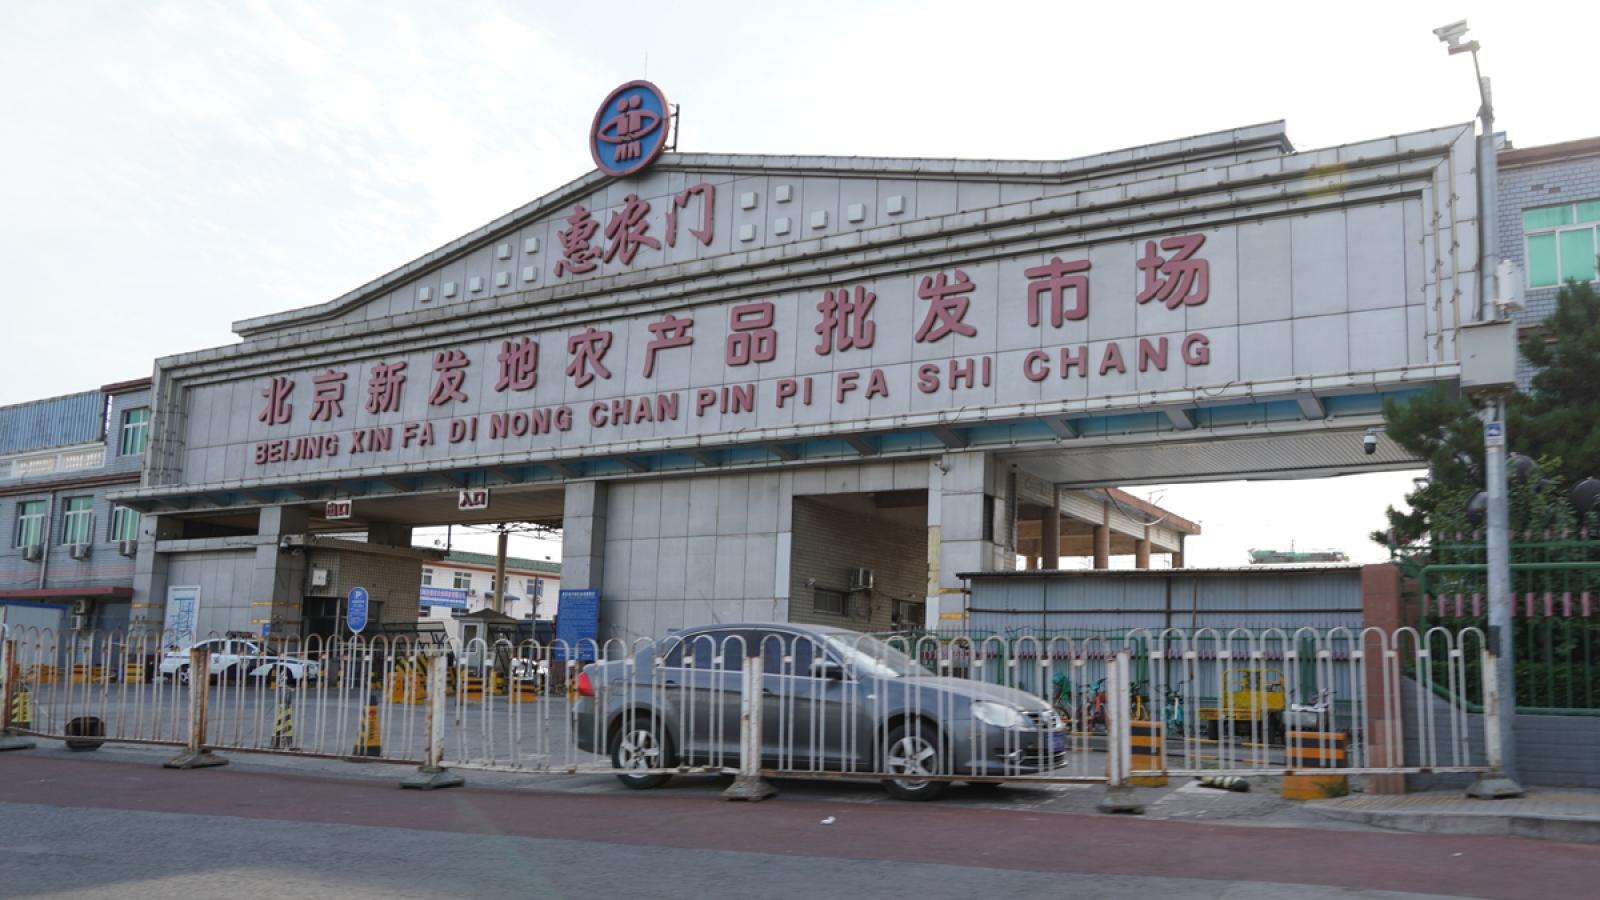 Bắc Kinh (Trung Quốc) bước đầu xác định nguyên nhân bùng phát Covid-19